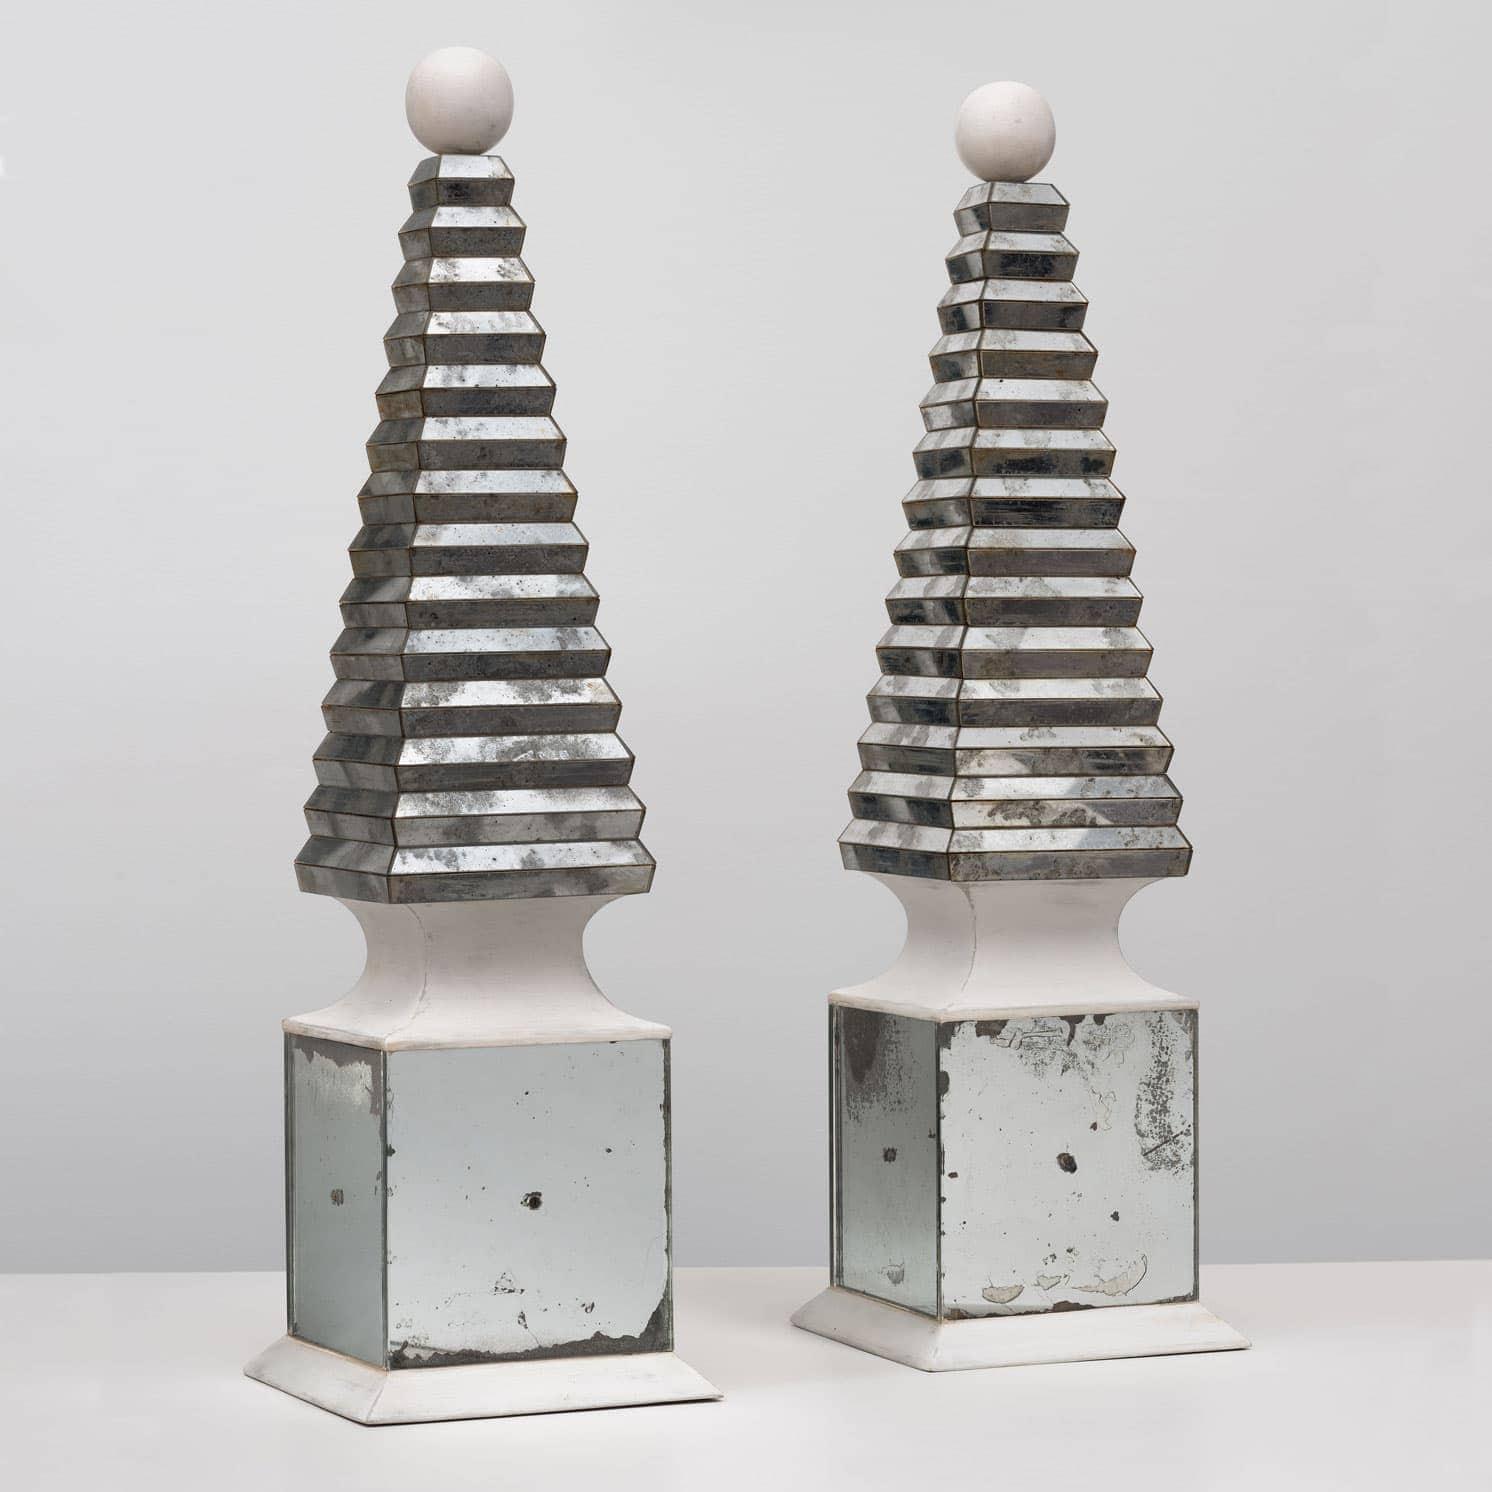 Serge Roche, Grande et rare paire d'obélisques, vue 01